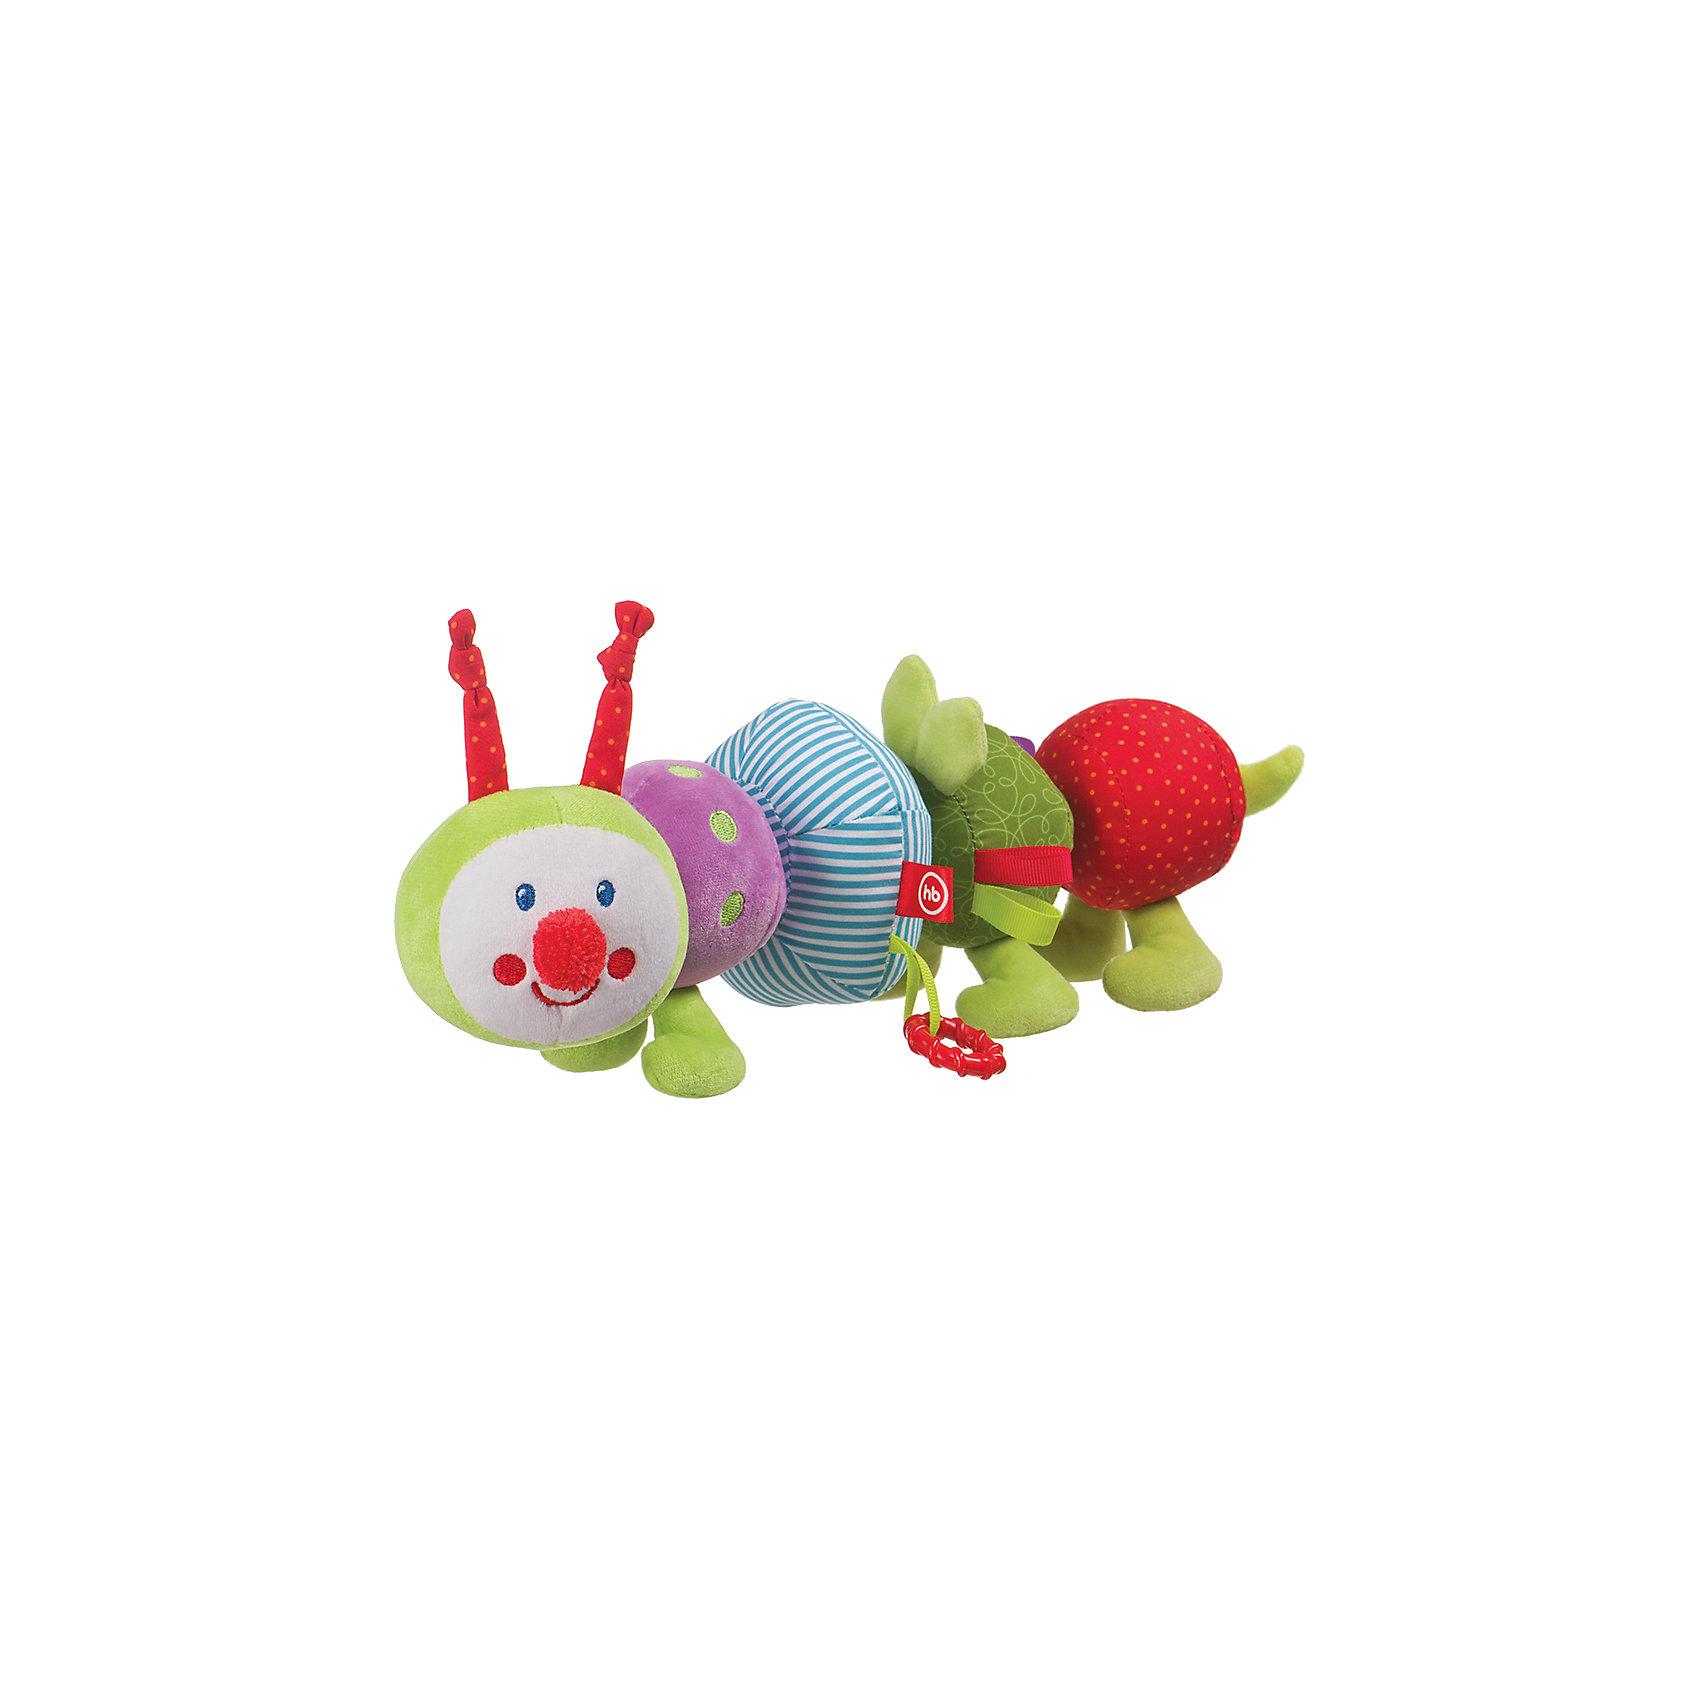 Развивающая игрушка  Iq-Caterpillar, Happy BabyРазвивающие игрушки<br>Игра с IQ-CATERPILLAR - замечательный вариант для знакомства ребёнка с окружающим миром и пополнения его словарного запаса!<br><br>Ширина мм: 84<br>Глубина мм: 84<br>Высота мм: 278<br>Вес г: 186<br>Возраст от месяцев: 3<br>Возраст до месяцев: 18<br>Пол: Унисекс<br>Возраст: Детский<br>SKU: 5621701